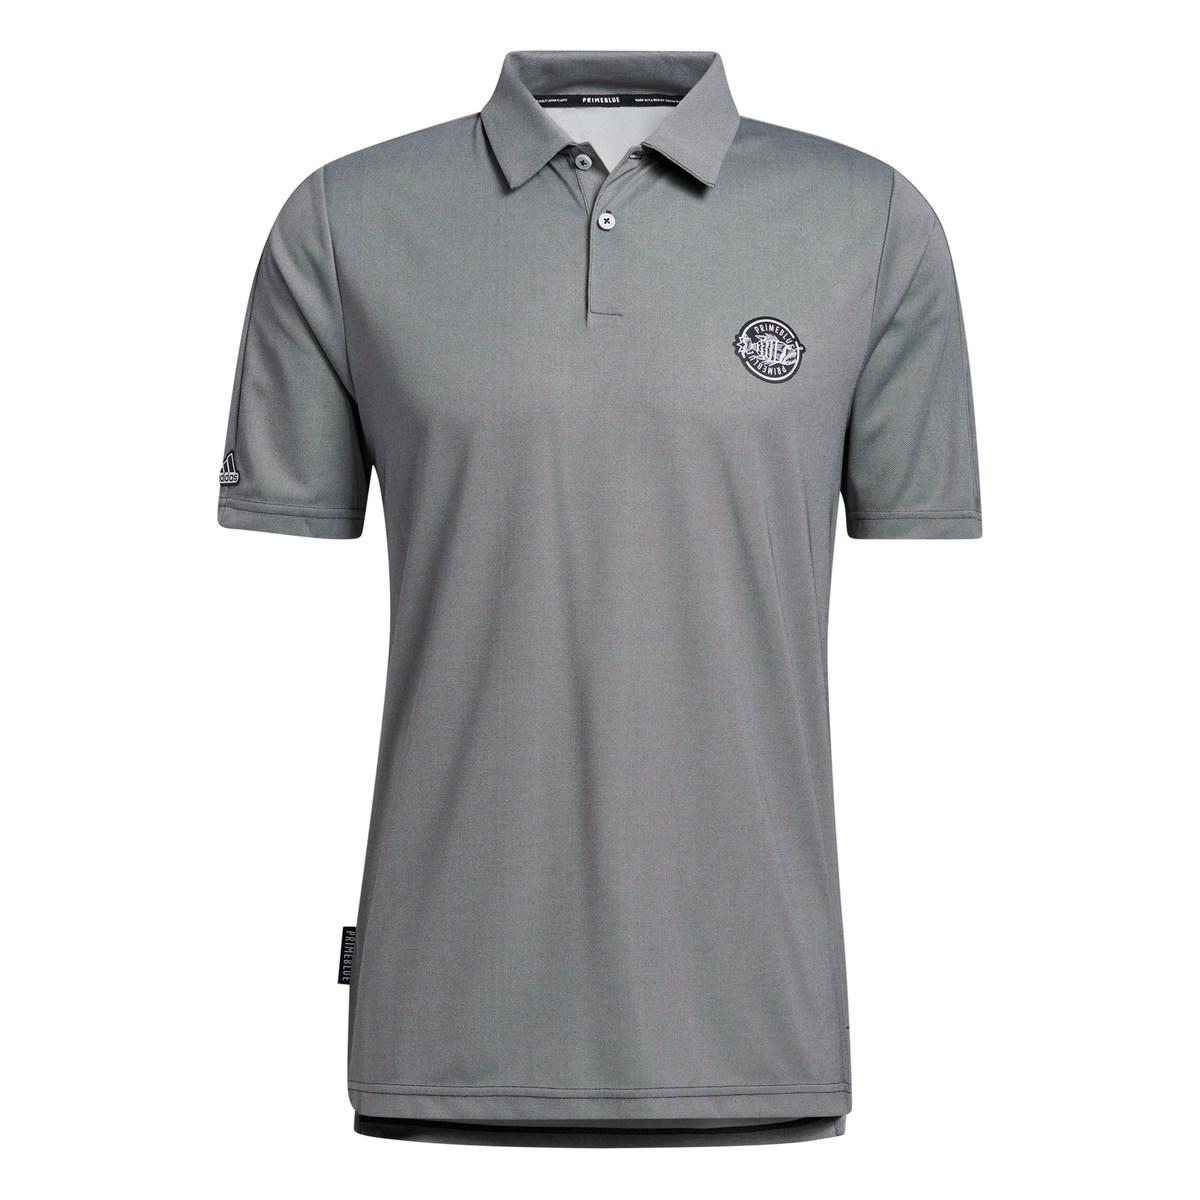 アディダス Adidas PRIMEBLUE エンブレム 半袖ポロシャツ J/S ブラック/ホワイト